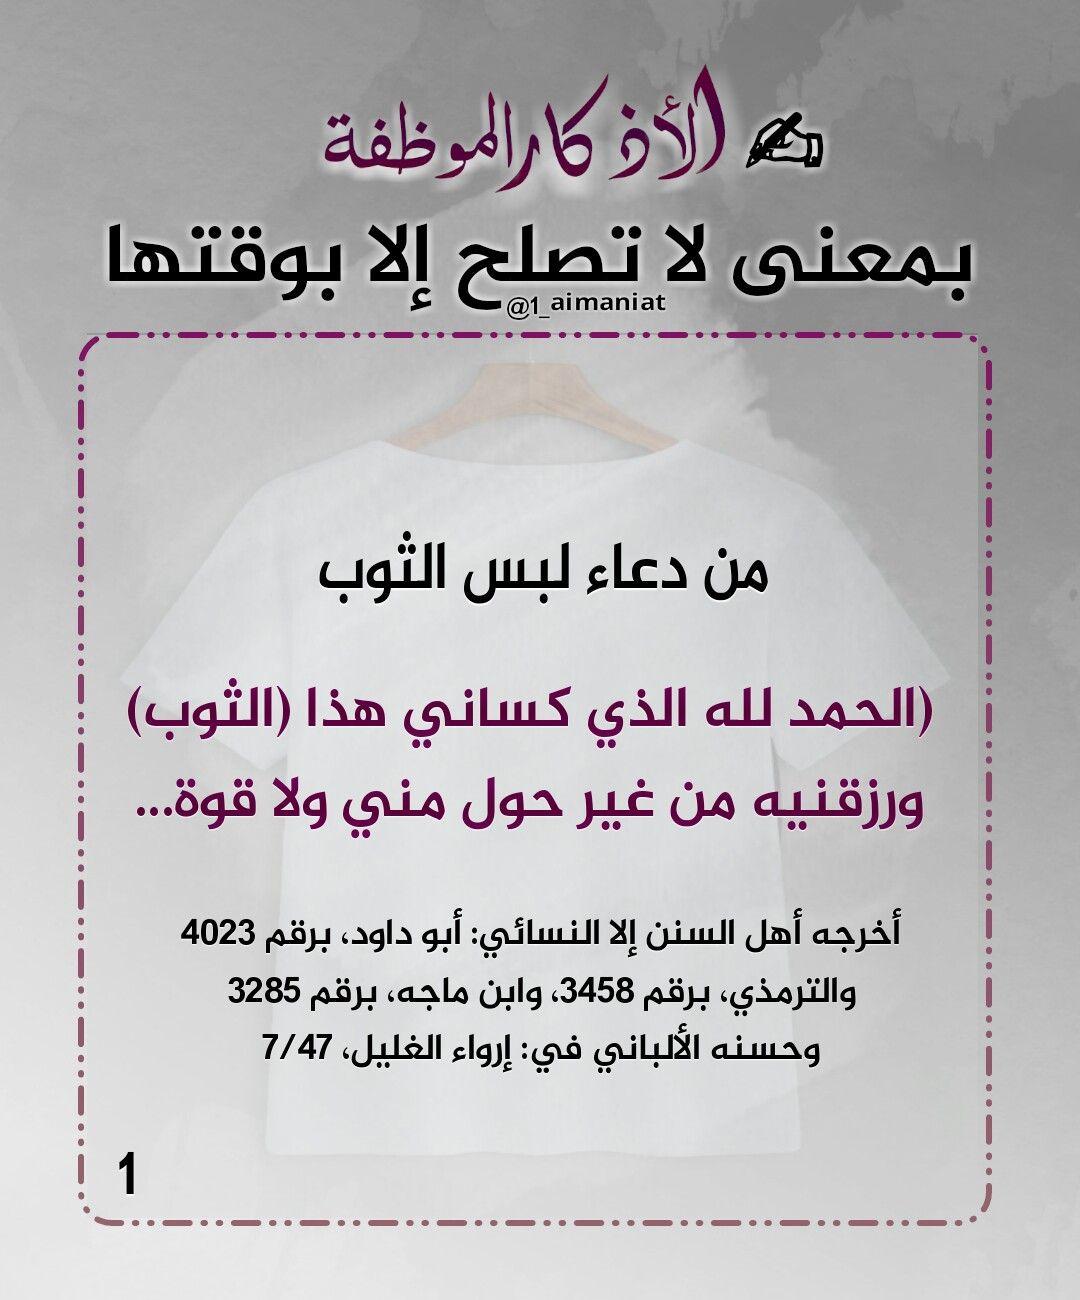 من دعاء لبس الثوب الحمد لله الذي كساني هذا الثوب ورزقنيه من غير حول مني ولا قوة أخرجه أهل السنن إلا الن Islam Quran Thing 1 Cards Against Humanity